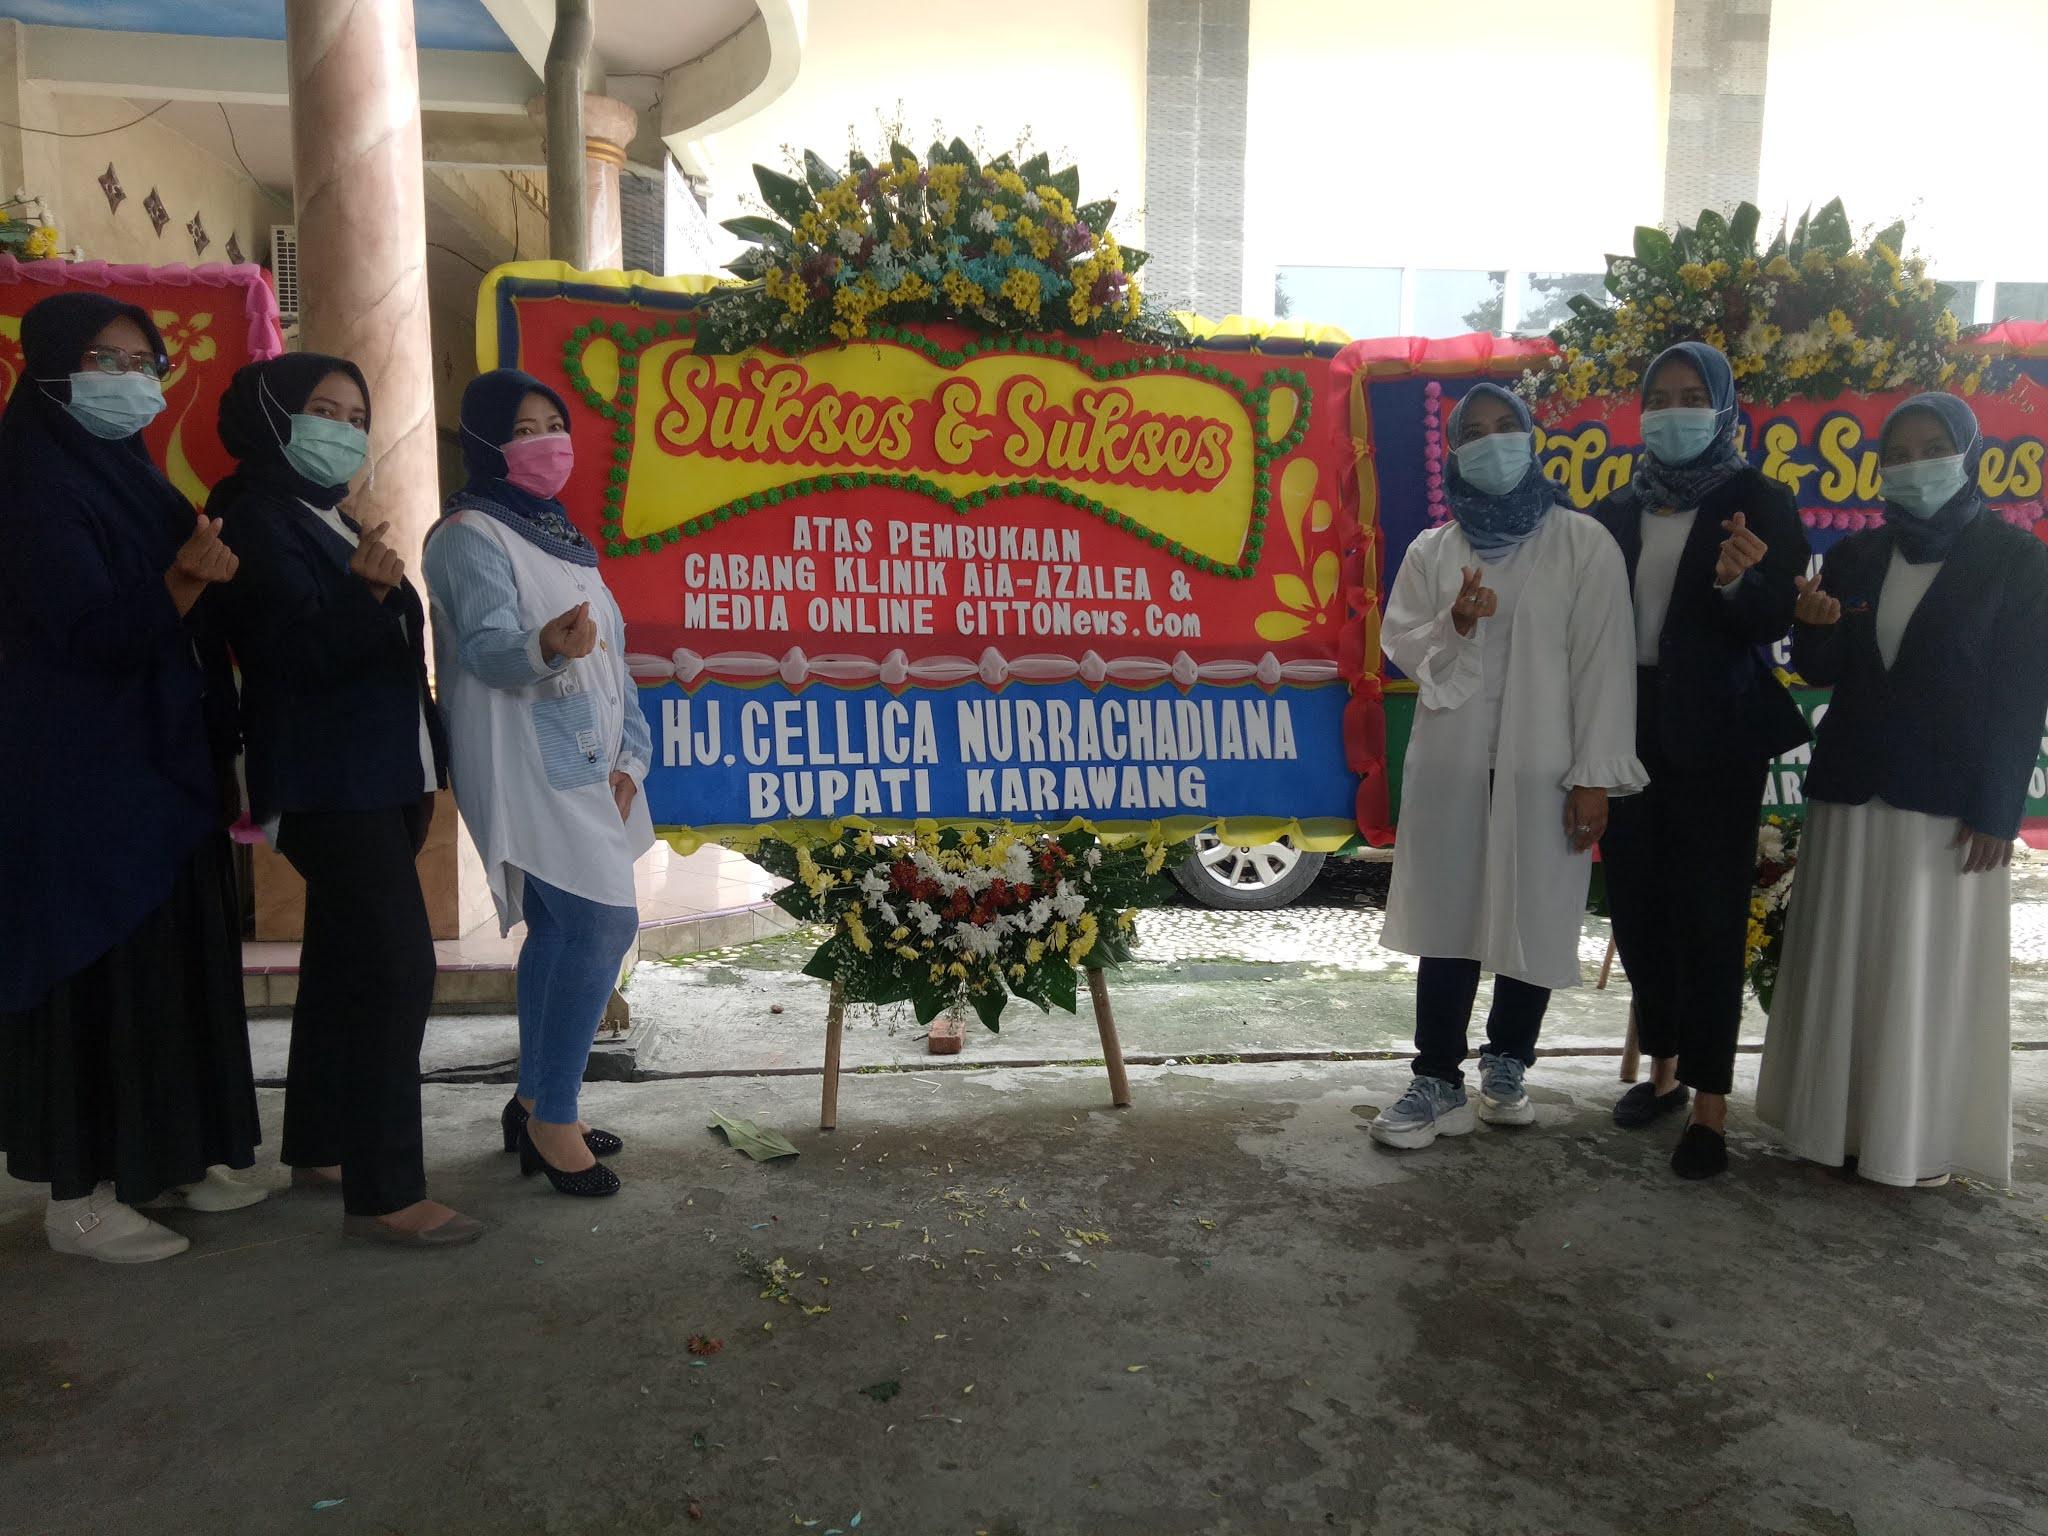 Ucapan Selamat Dan Karangan Bunga Datang Dari Bupati Karawang Dalam Peresmian Klinik Dan Media Online